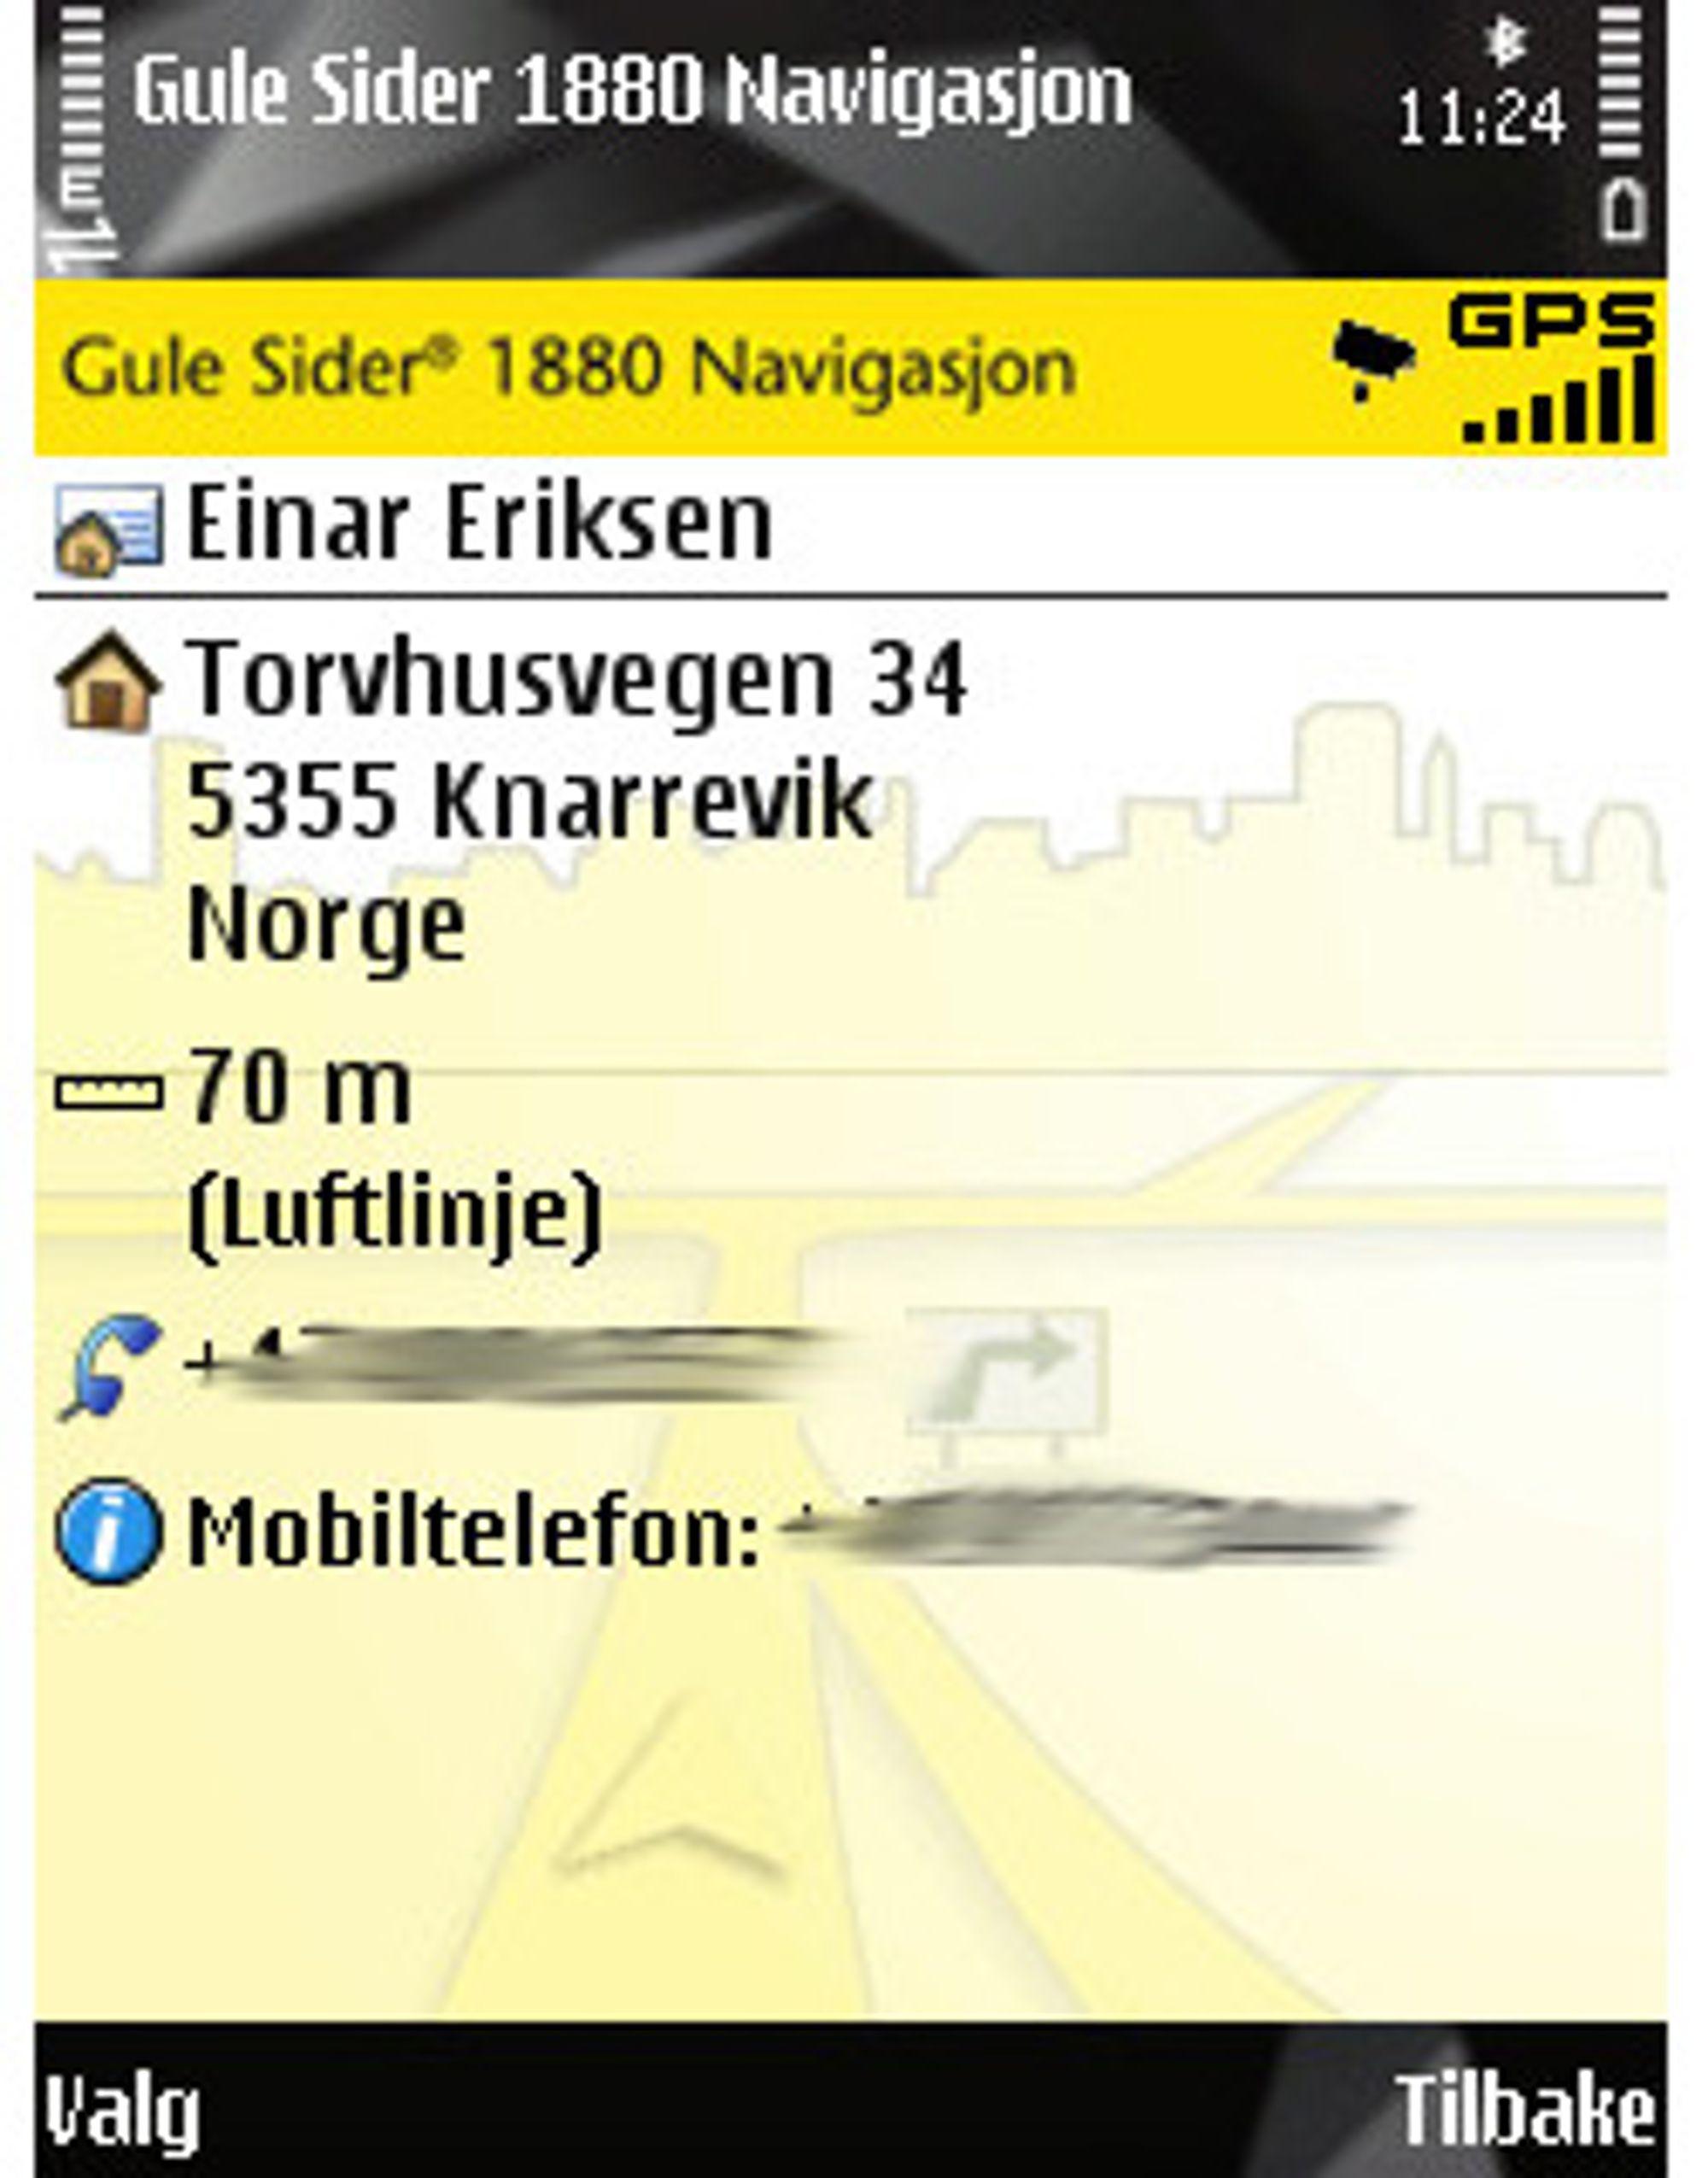 Med Gulesider 1880 Navigasjon, kan du søke på personer og navigere deg på besøk.